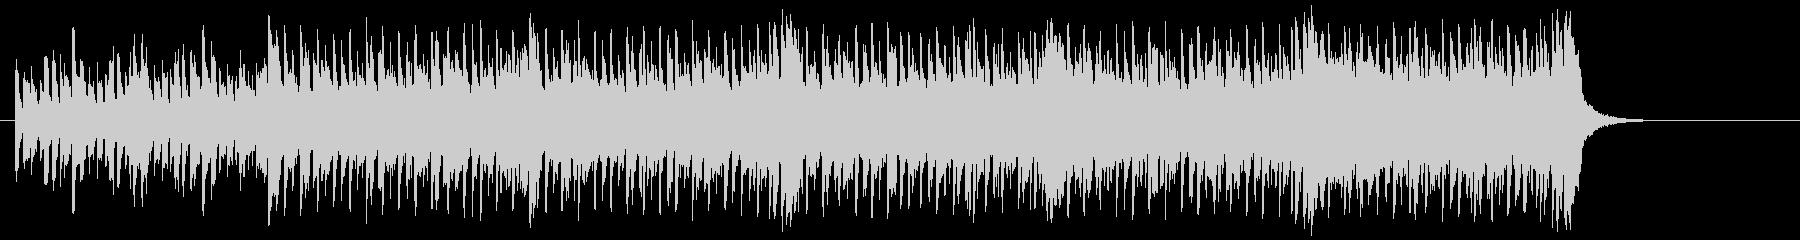 ファンタジックなテクノ/ポップの未再生の波形